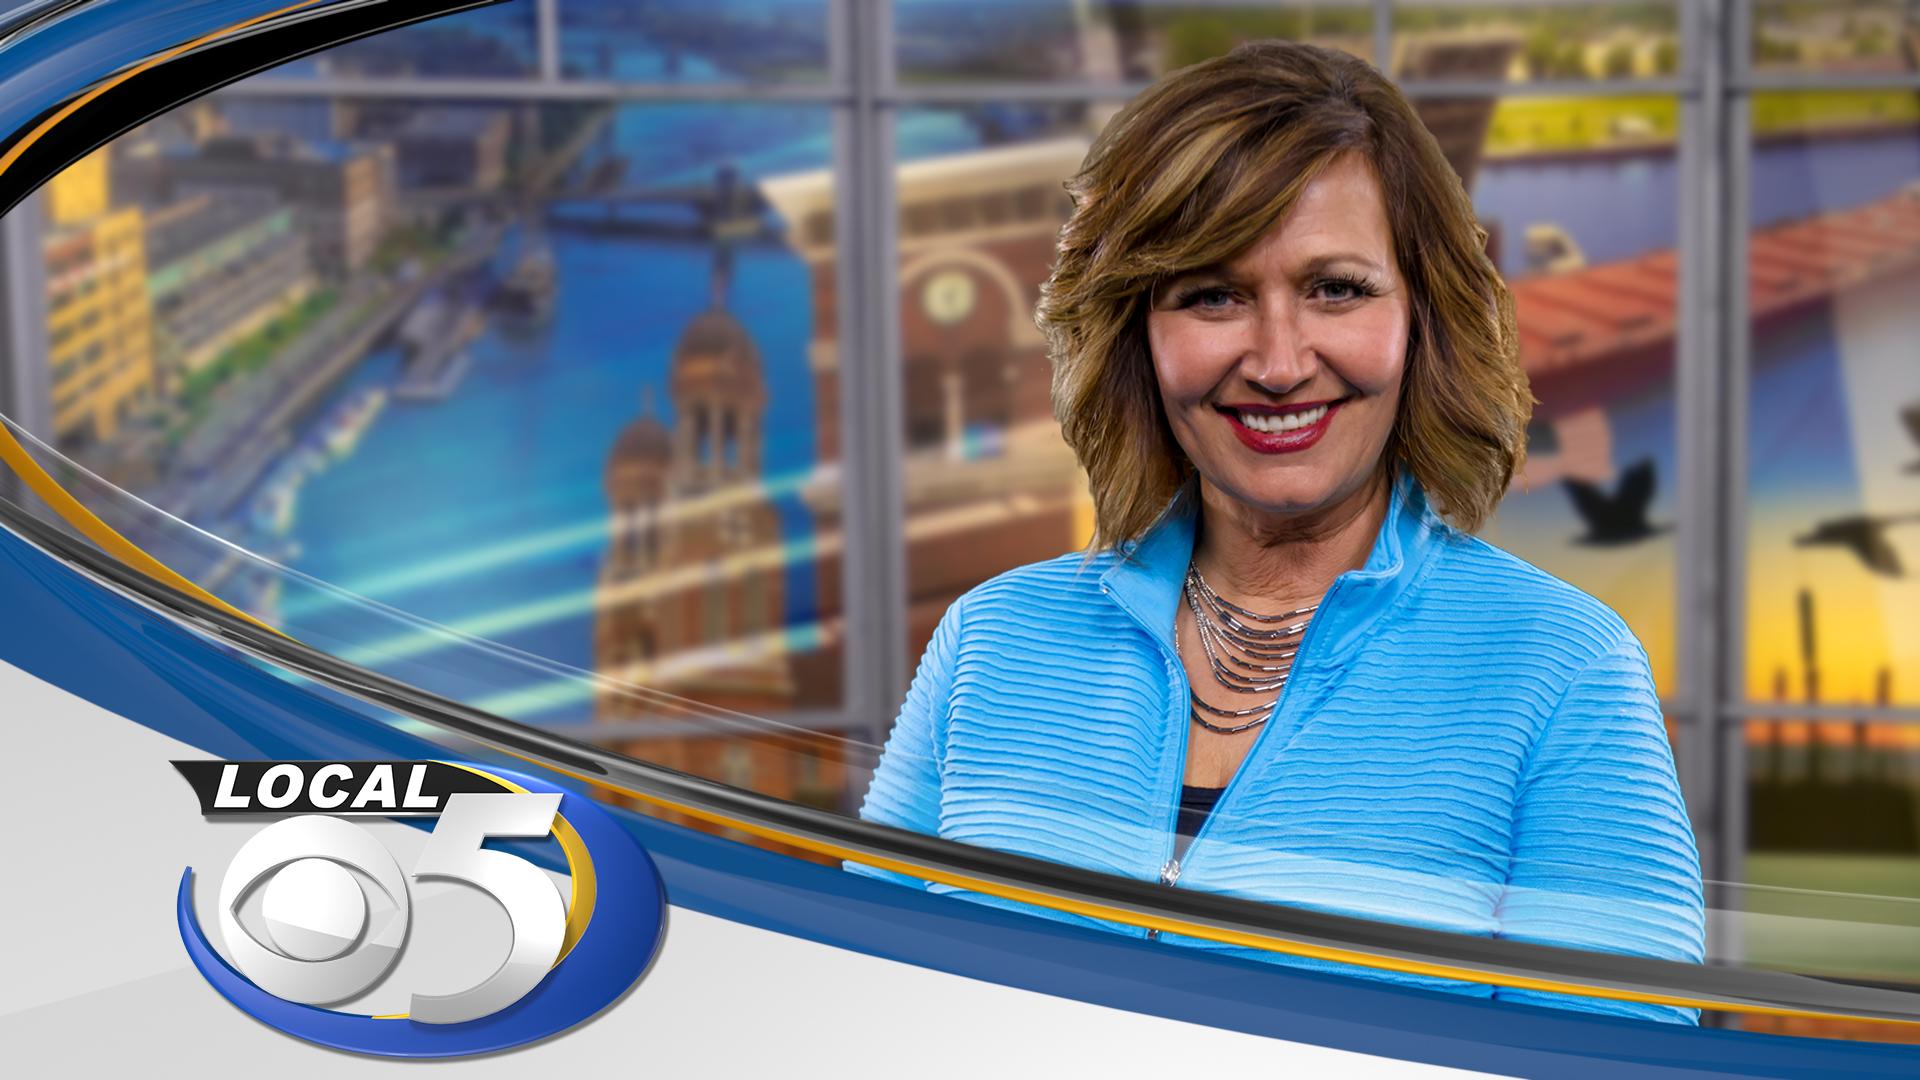 Lisa Malak